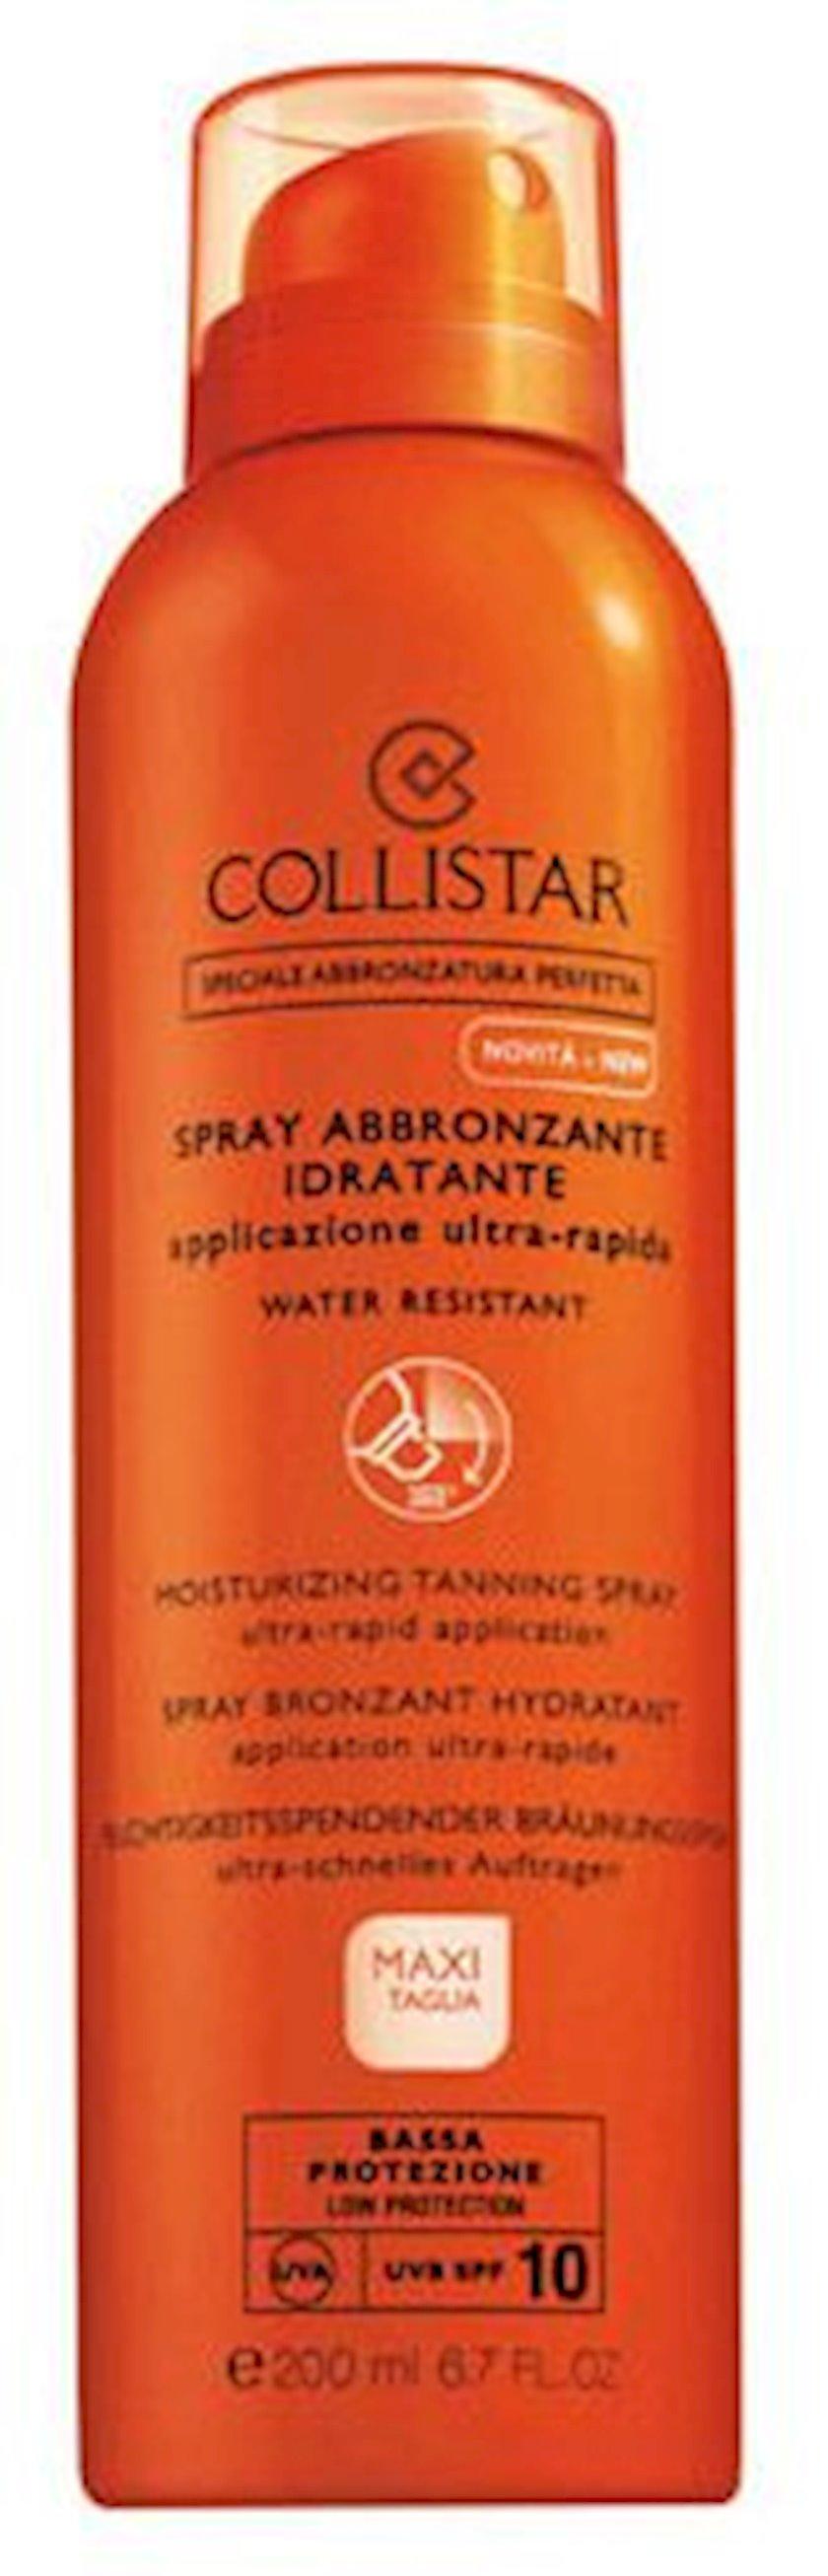 Nəmləndirici sprey qaralma üçün Collistar Moisturizing Tanning Spray SPF10 200ml